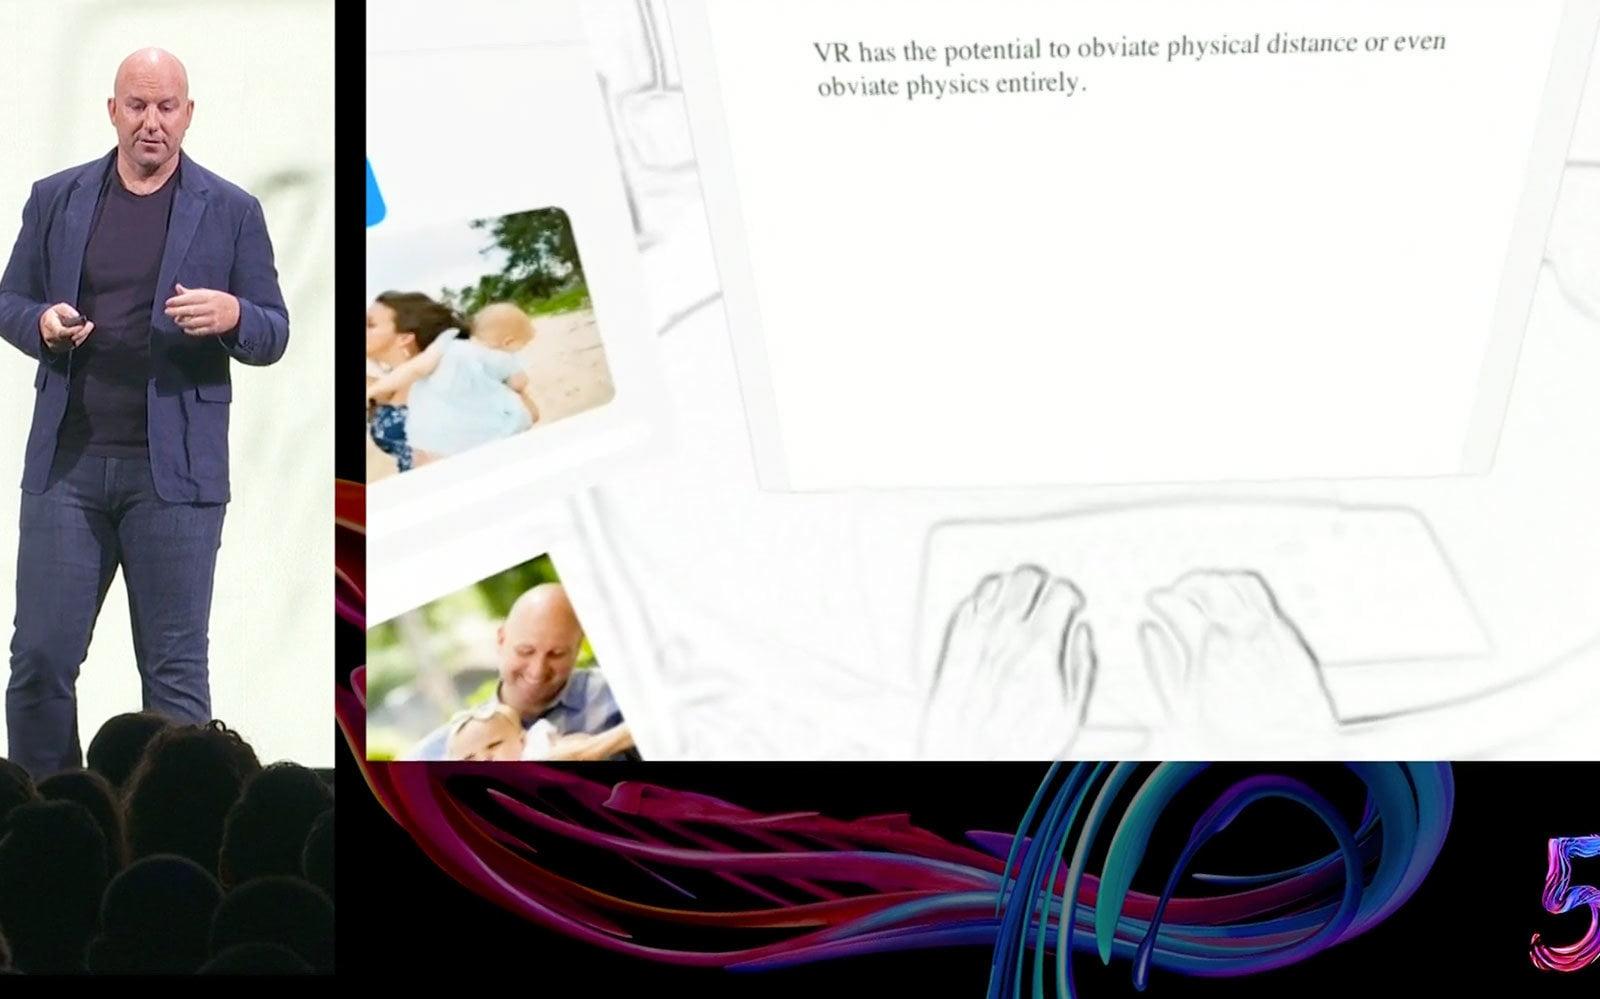 Ein Mixed-Reality-Desktop im Wohnzimmer mit Oculus Quest. Die Funktion ist noch experimentell. Bild: Screenshot